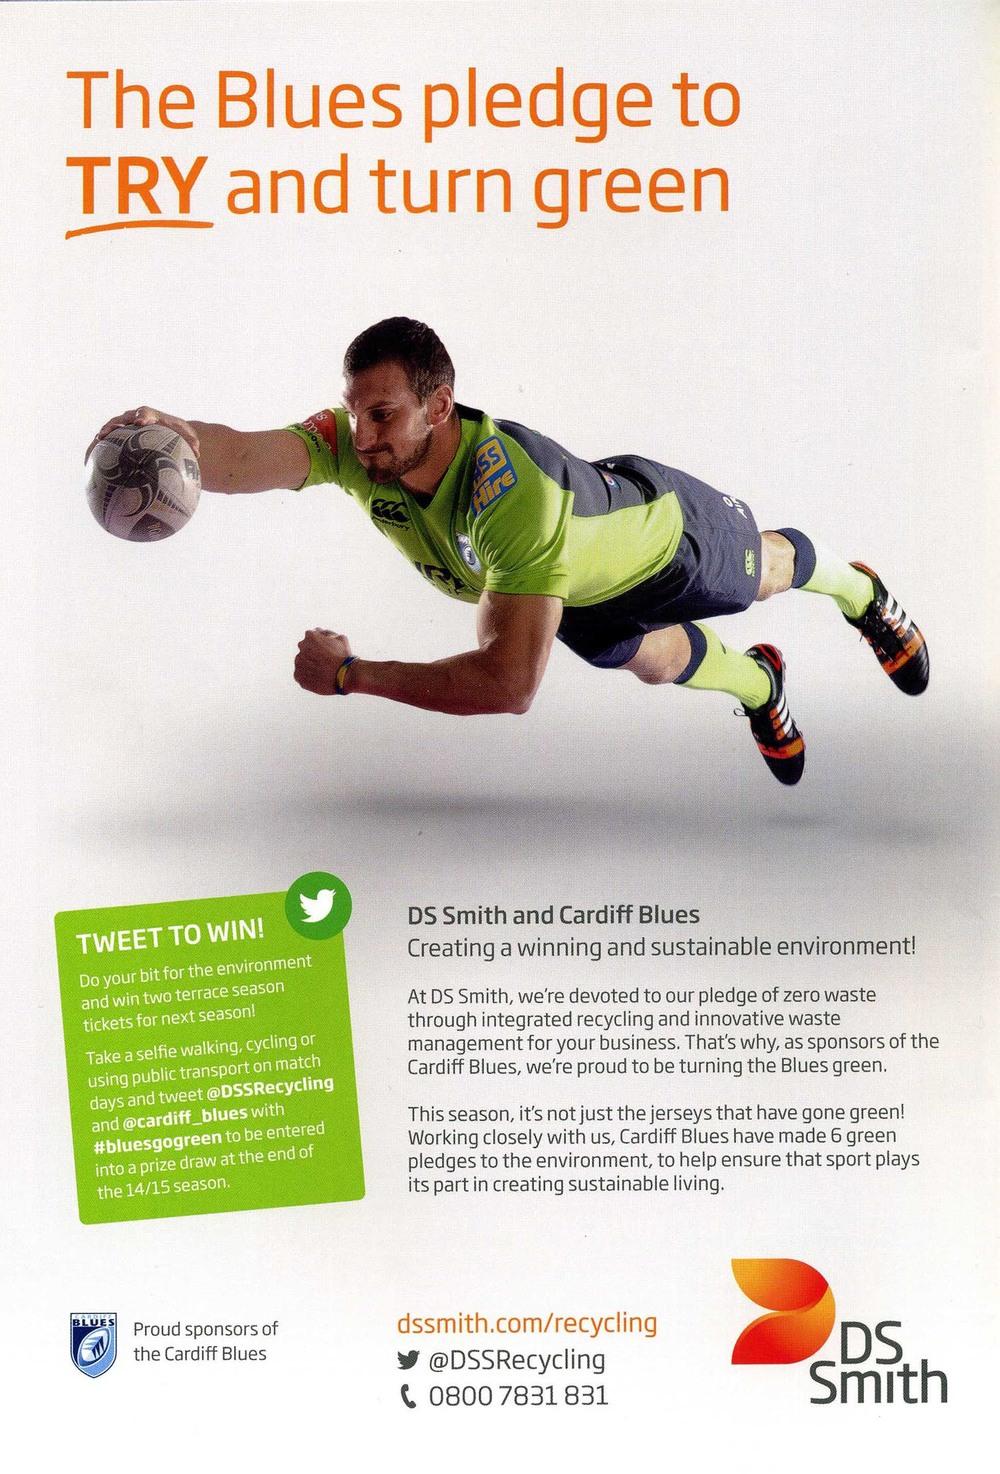 Sam Warburton - DS Smith advert